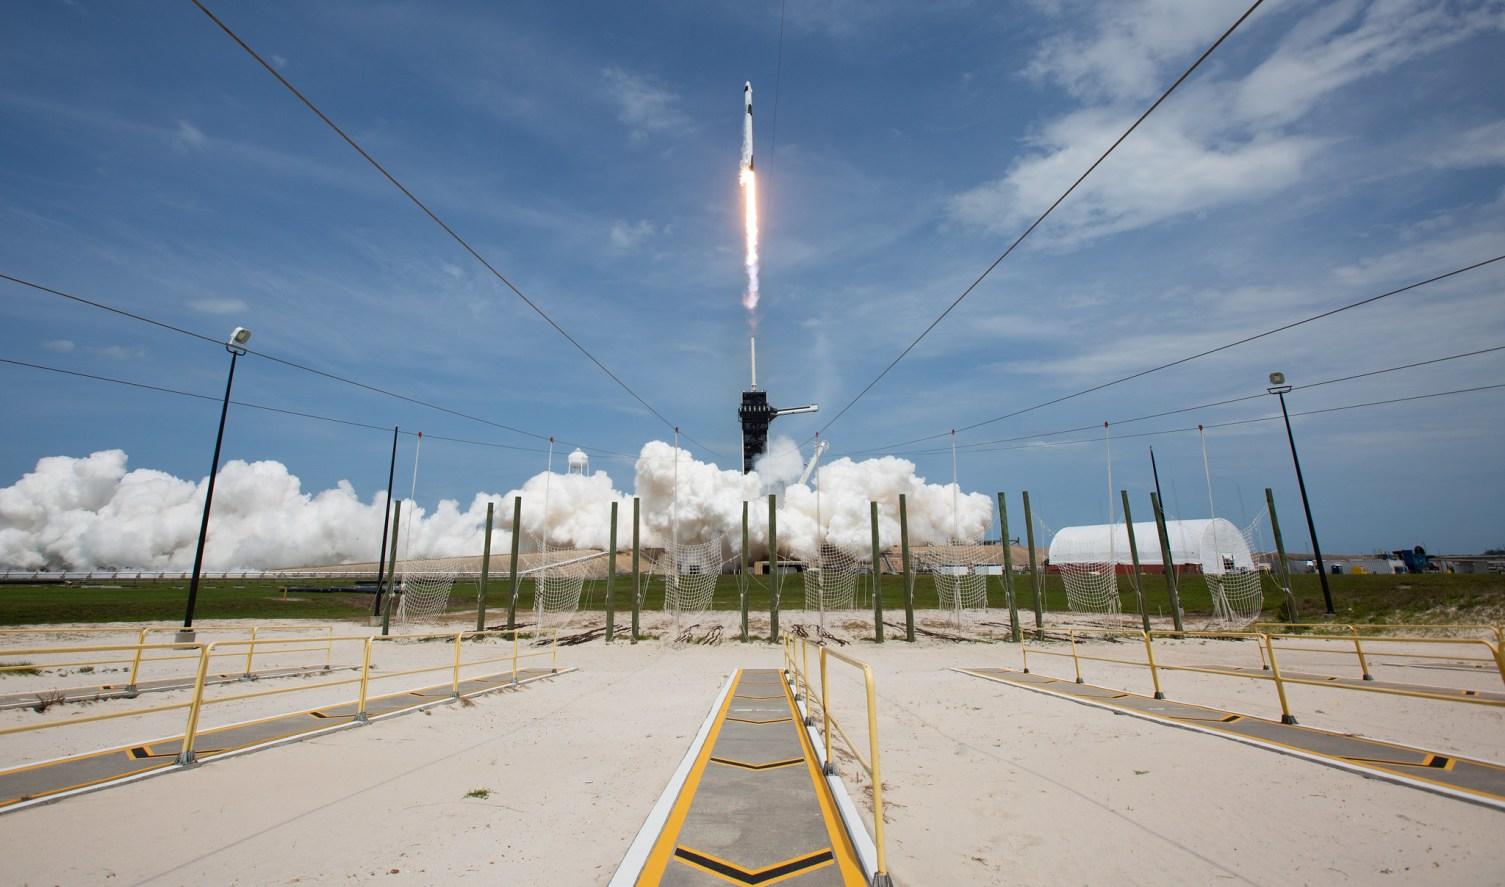 Il lancio di SpaceX Demo-2 definisce un viaggio storico per lo spazio.